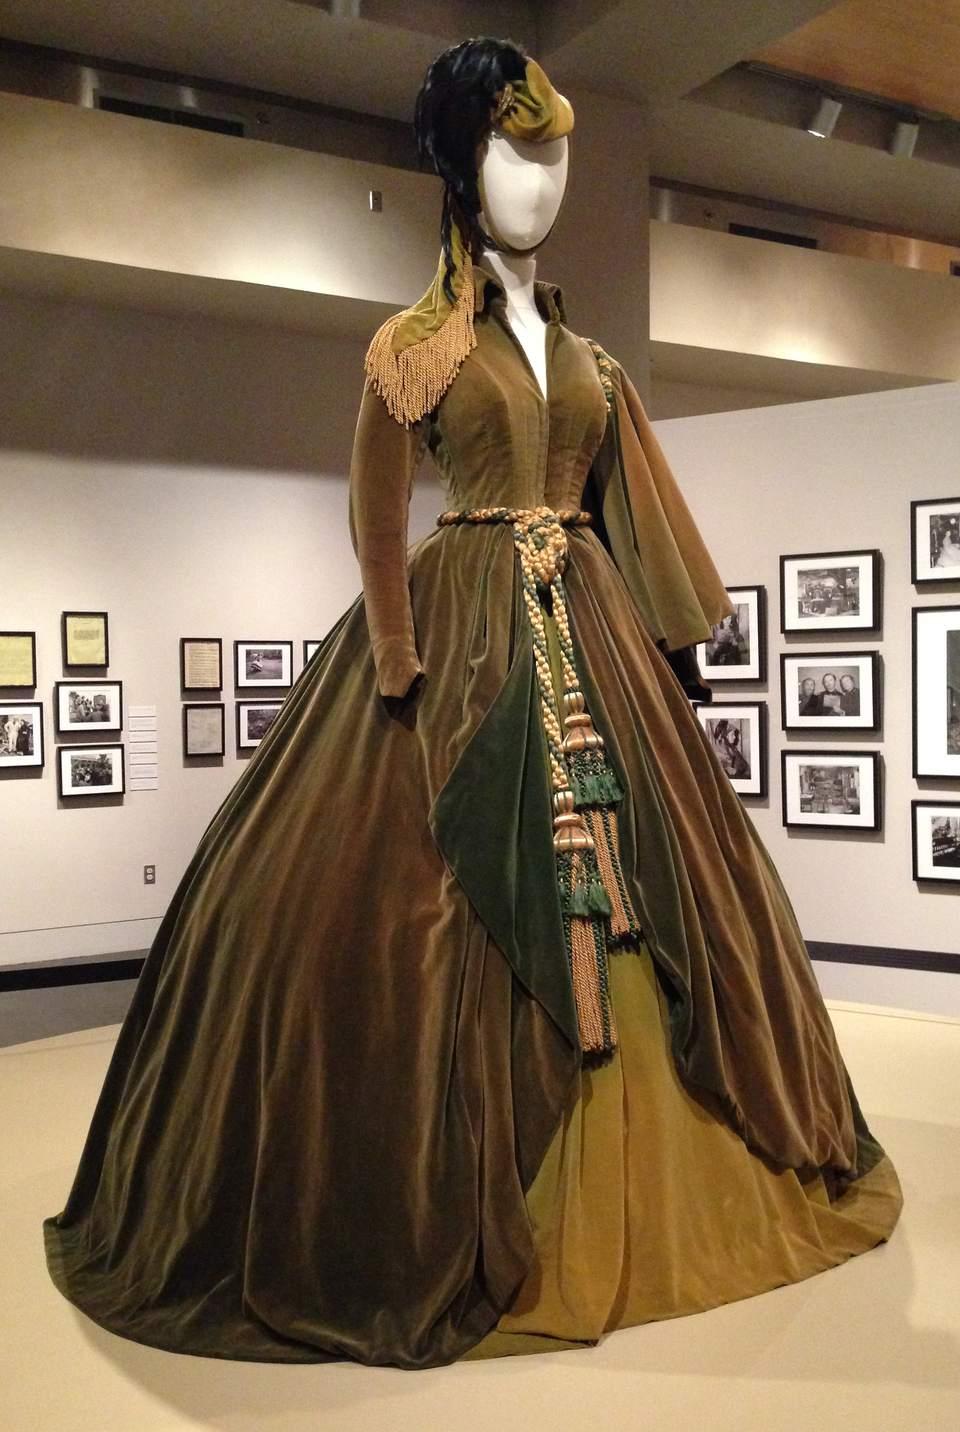 Scarlet O'Hara's Dresses Displayed After Restoration